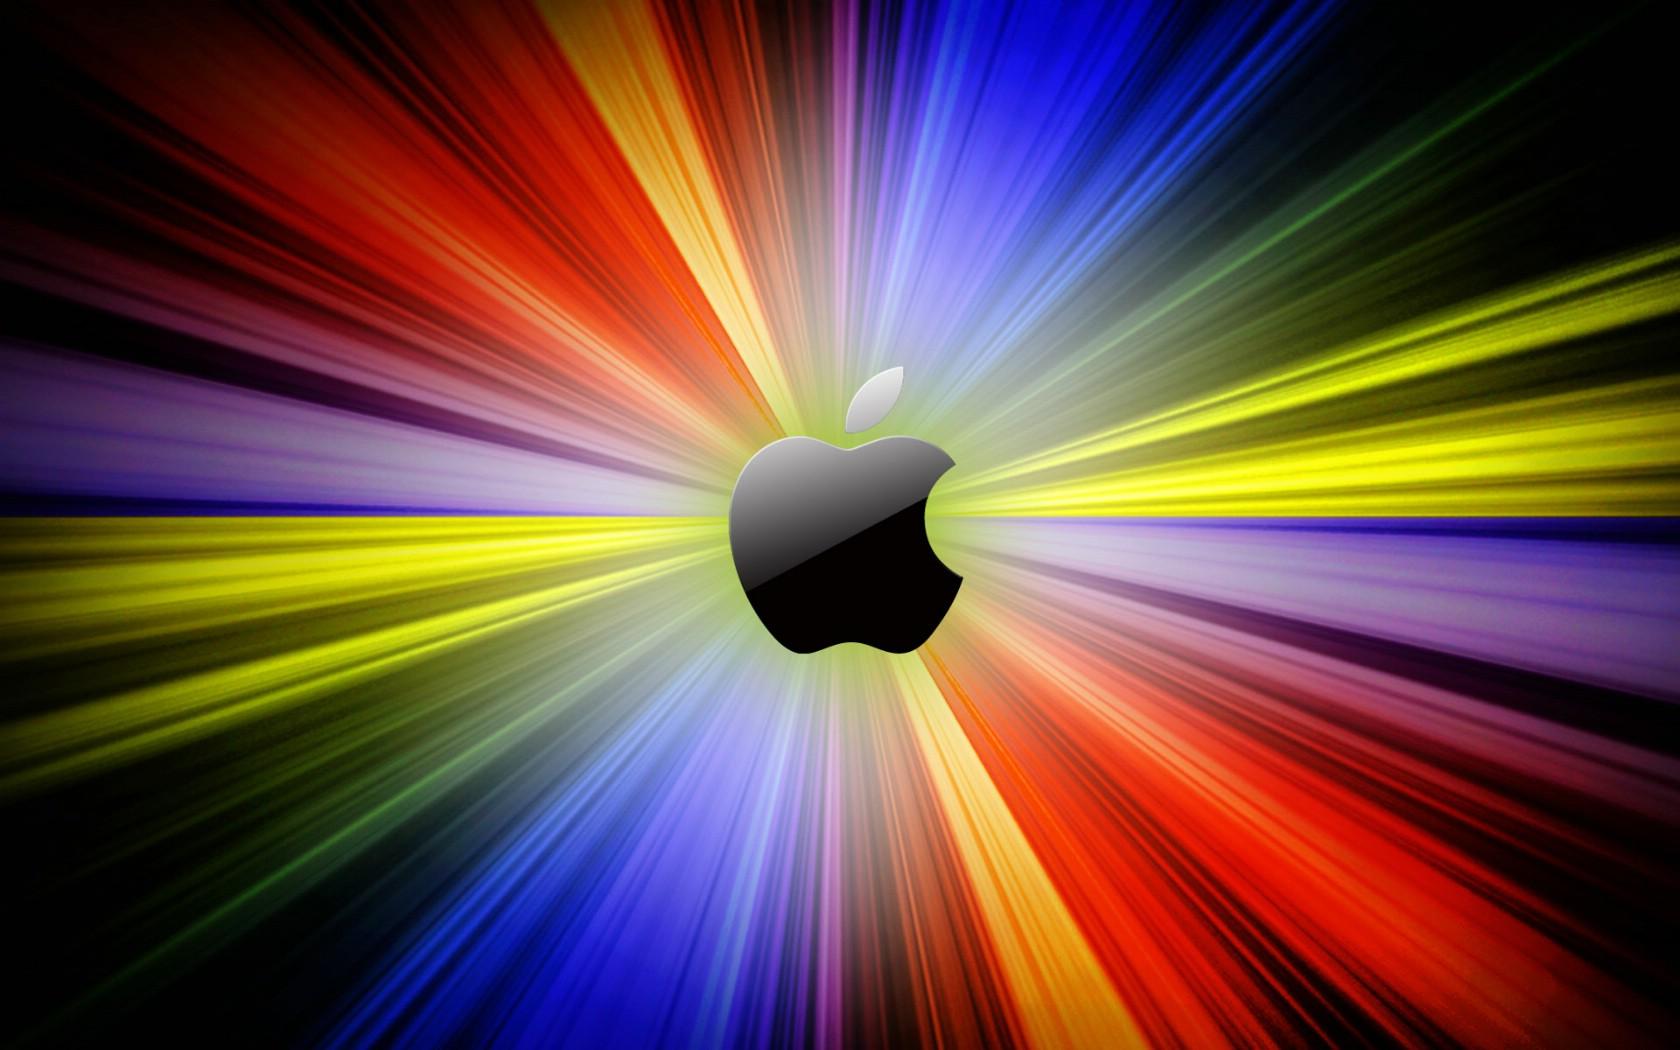 壁纸/Apple主题64 8